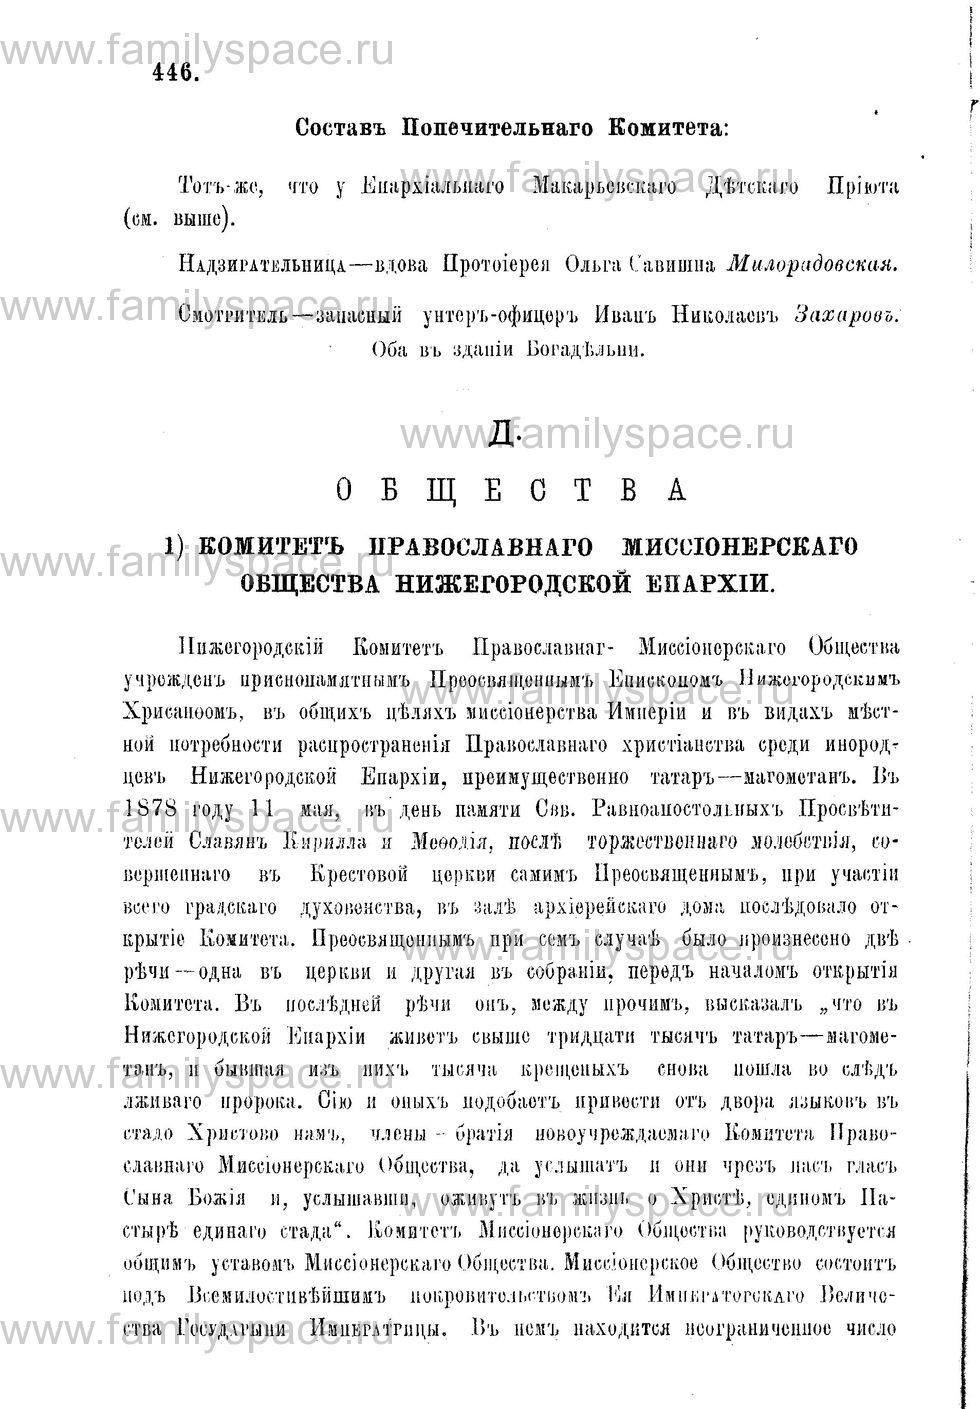 Поиск по фамилии - Адрес-календарь Нижегородской епархии на 1888 год, страница 1446